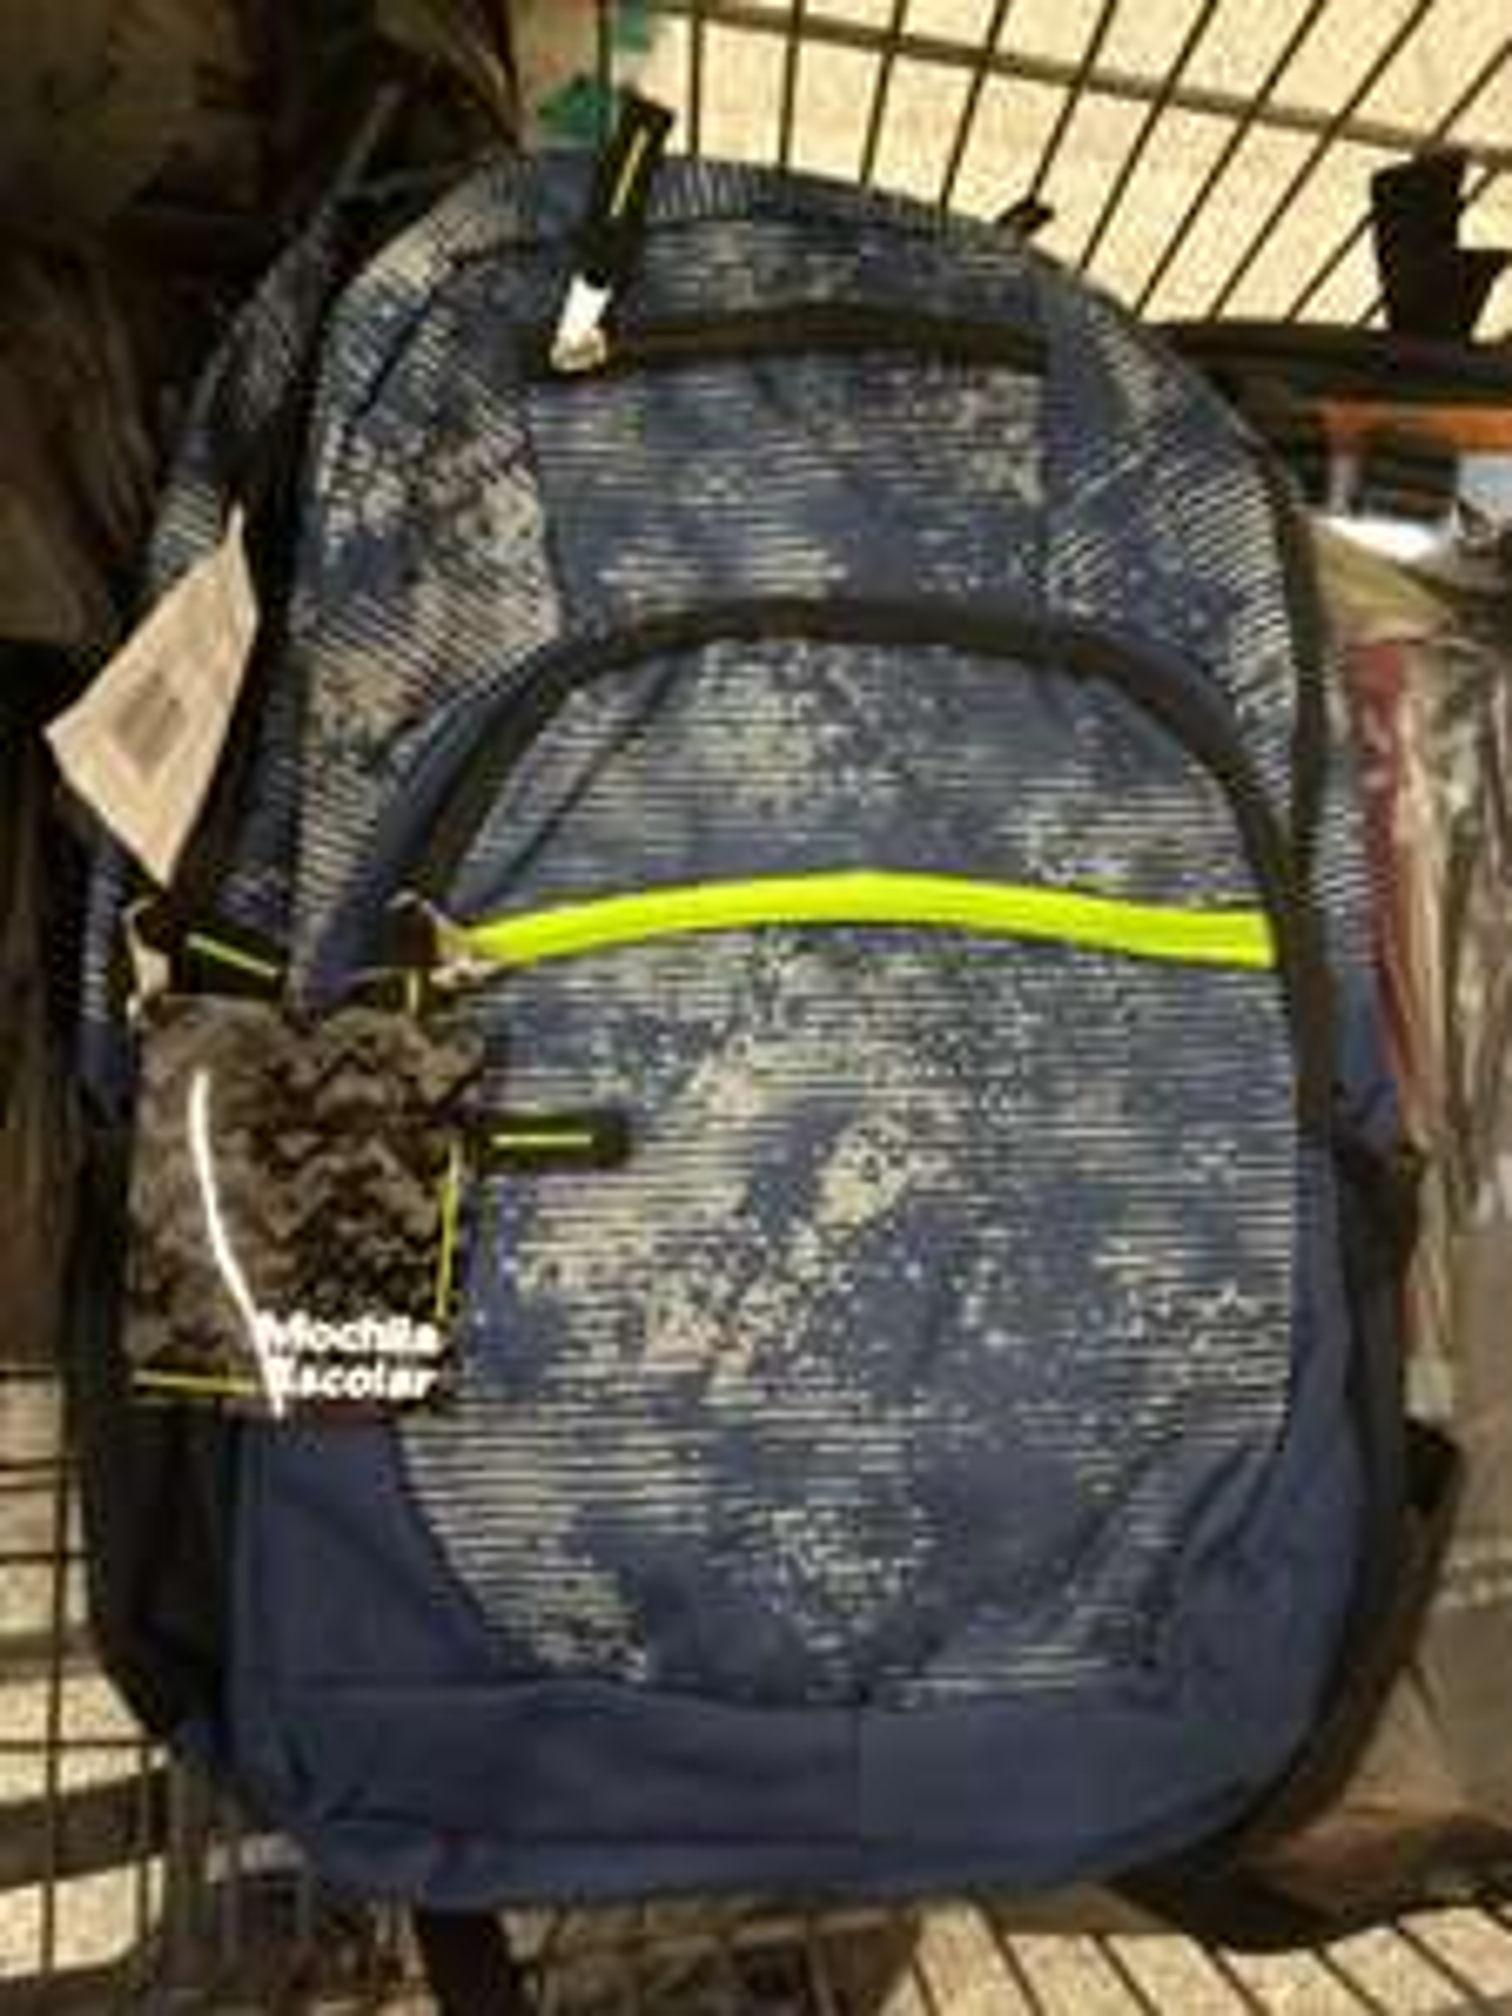 Walmart Rosario: mochilas a $10.03